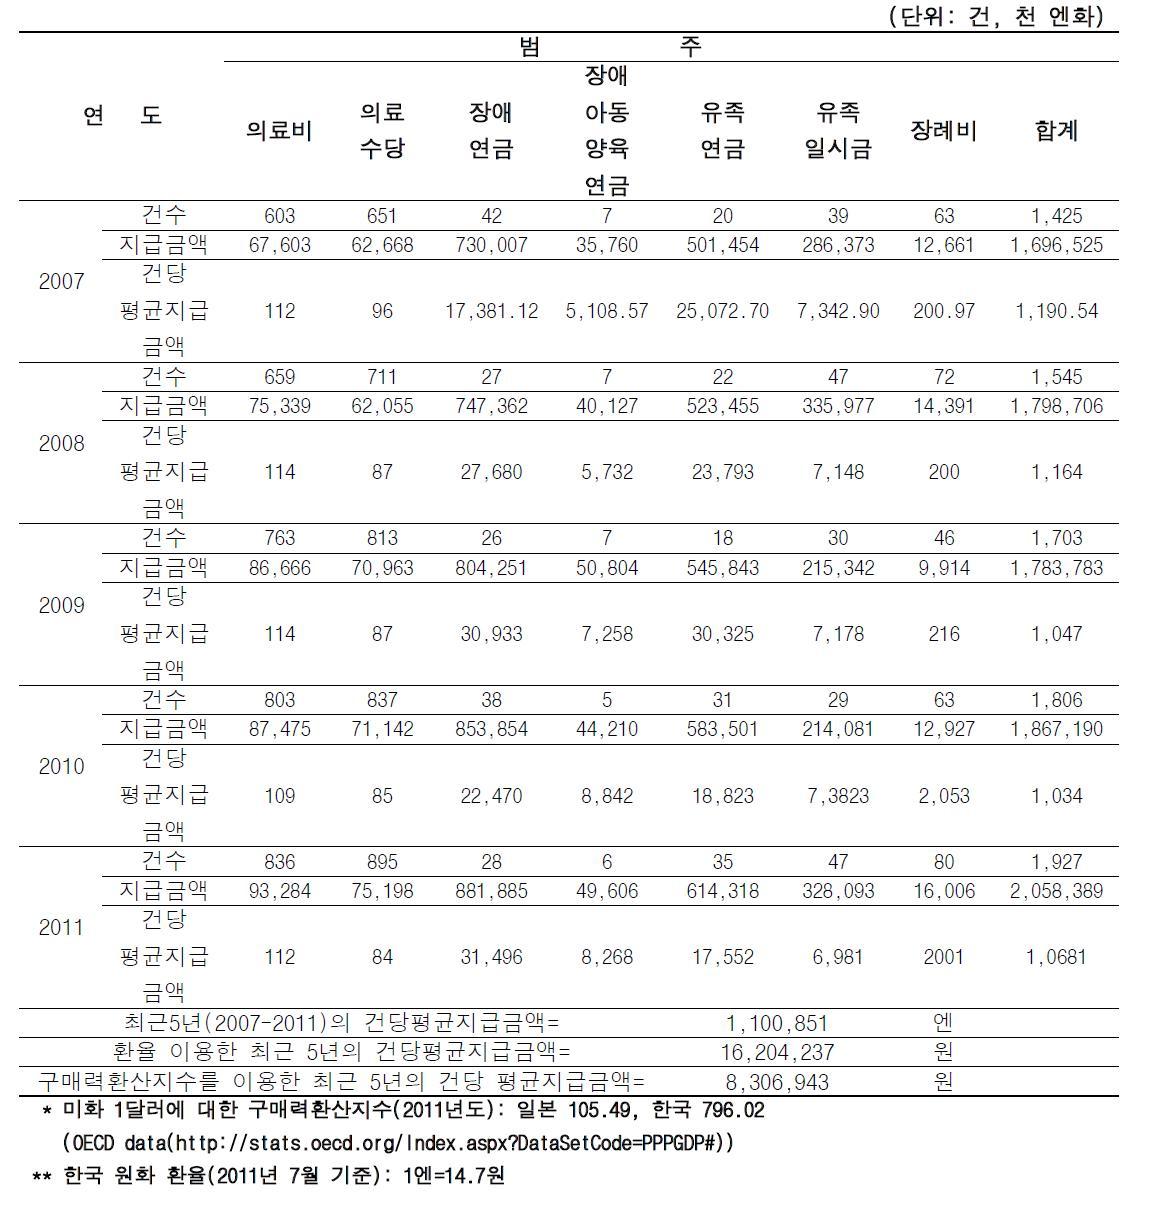 일본의 피해구제지급액 현황 및 건당 평균 피해구제액